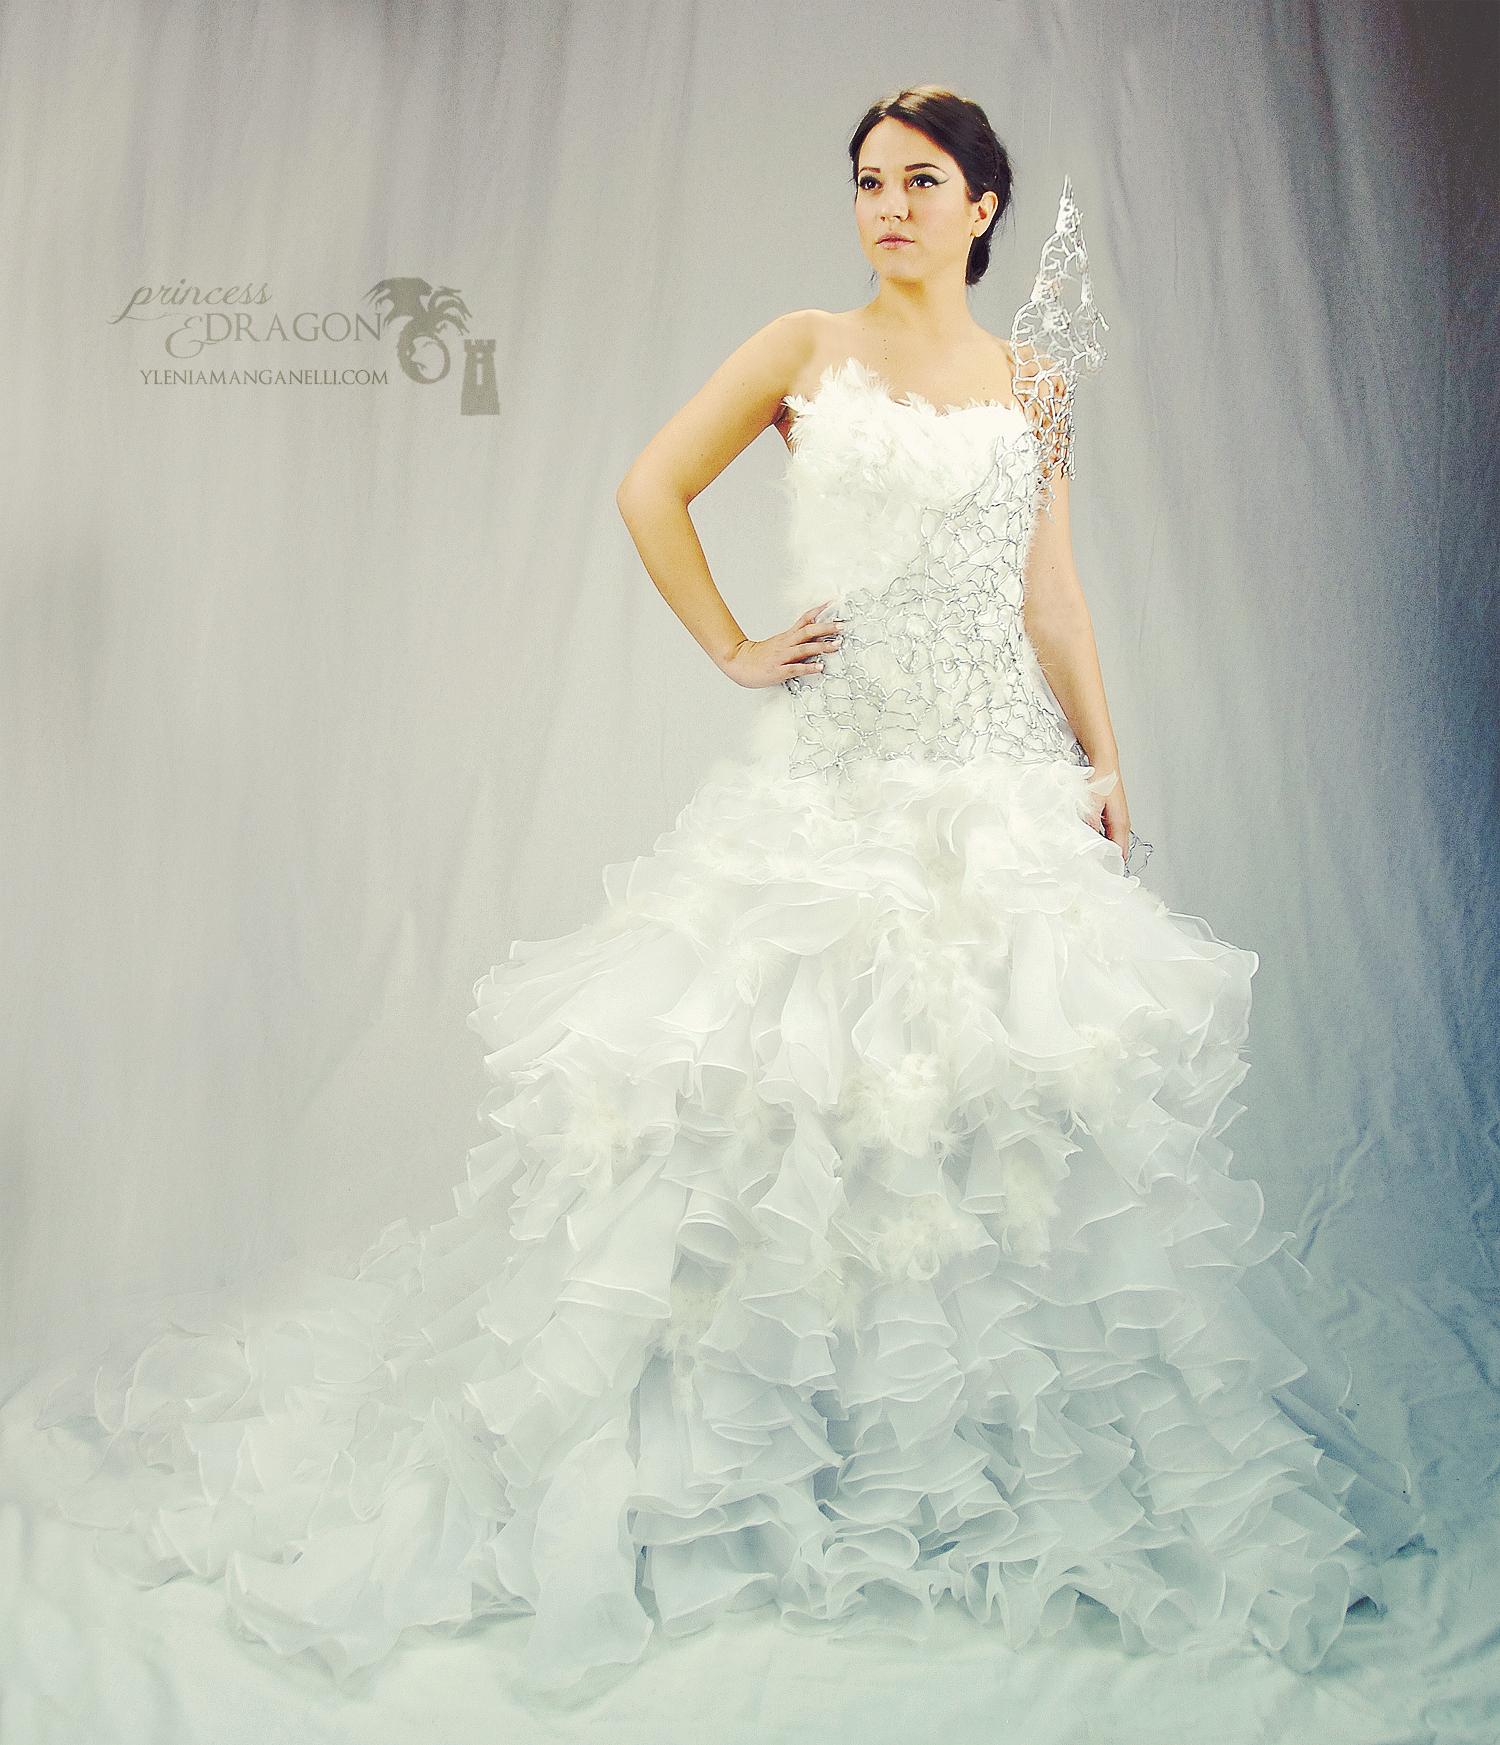 Katniss Everdeen Catching Fire Hunger Games Wedding Dress